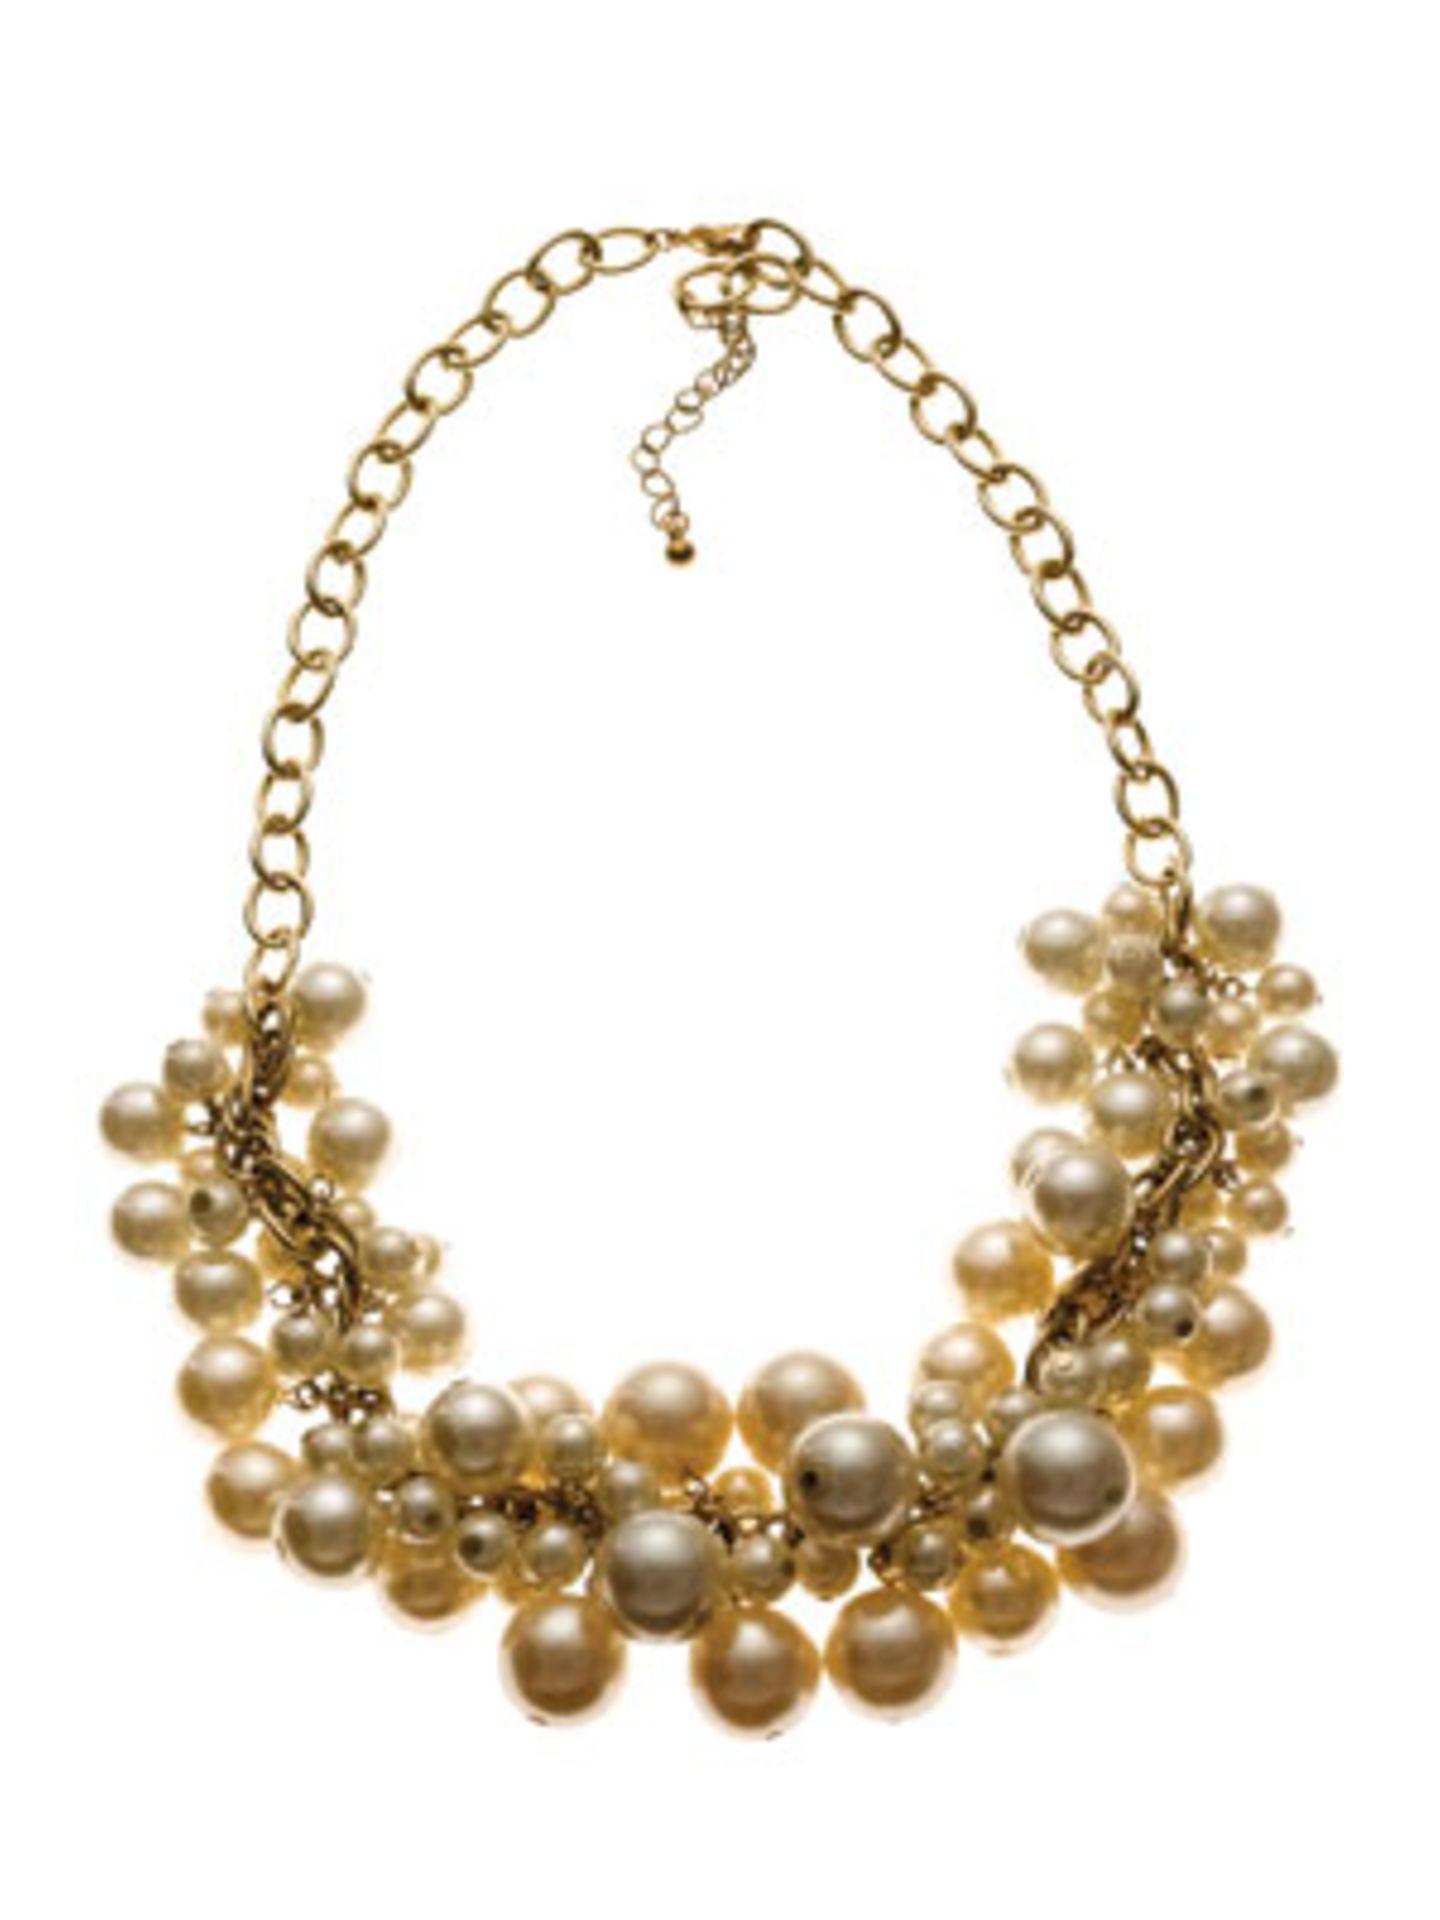 Goldfarbenes Collier mit vielen Perlen in unterschiedlichen Größen von Accessorize, um 25 Euro.